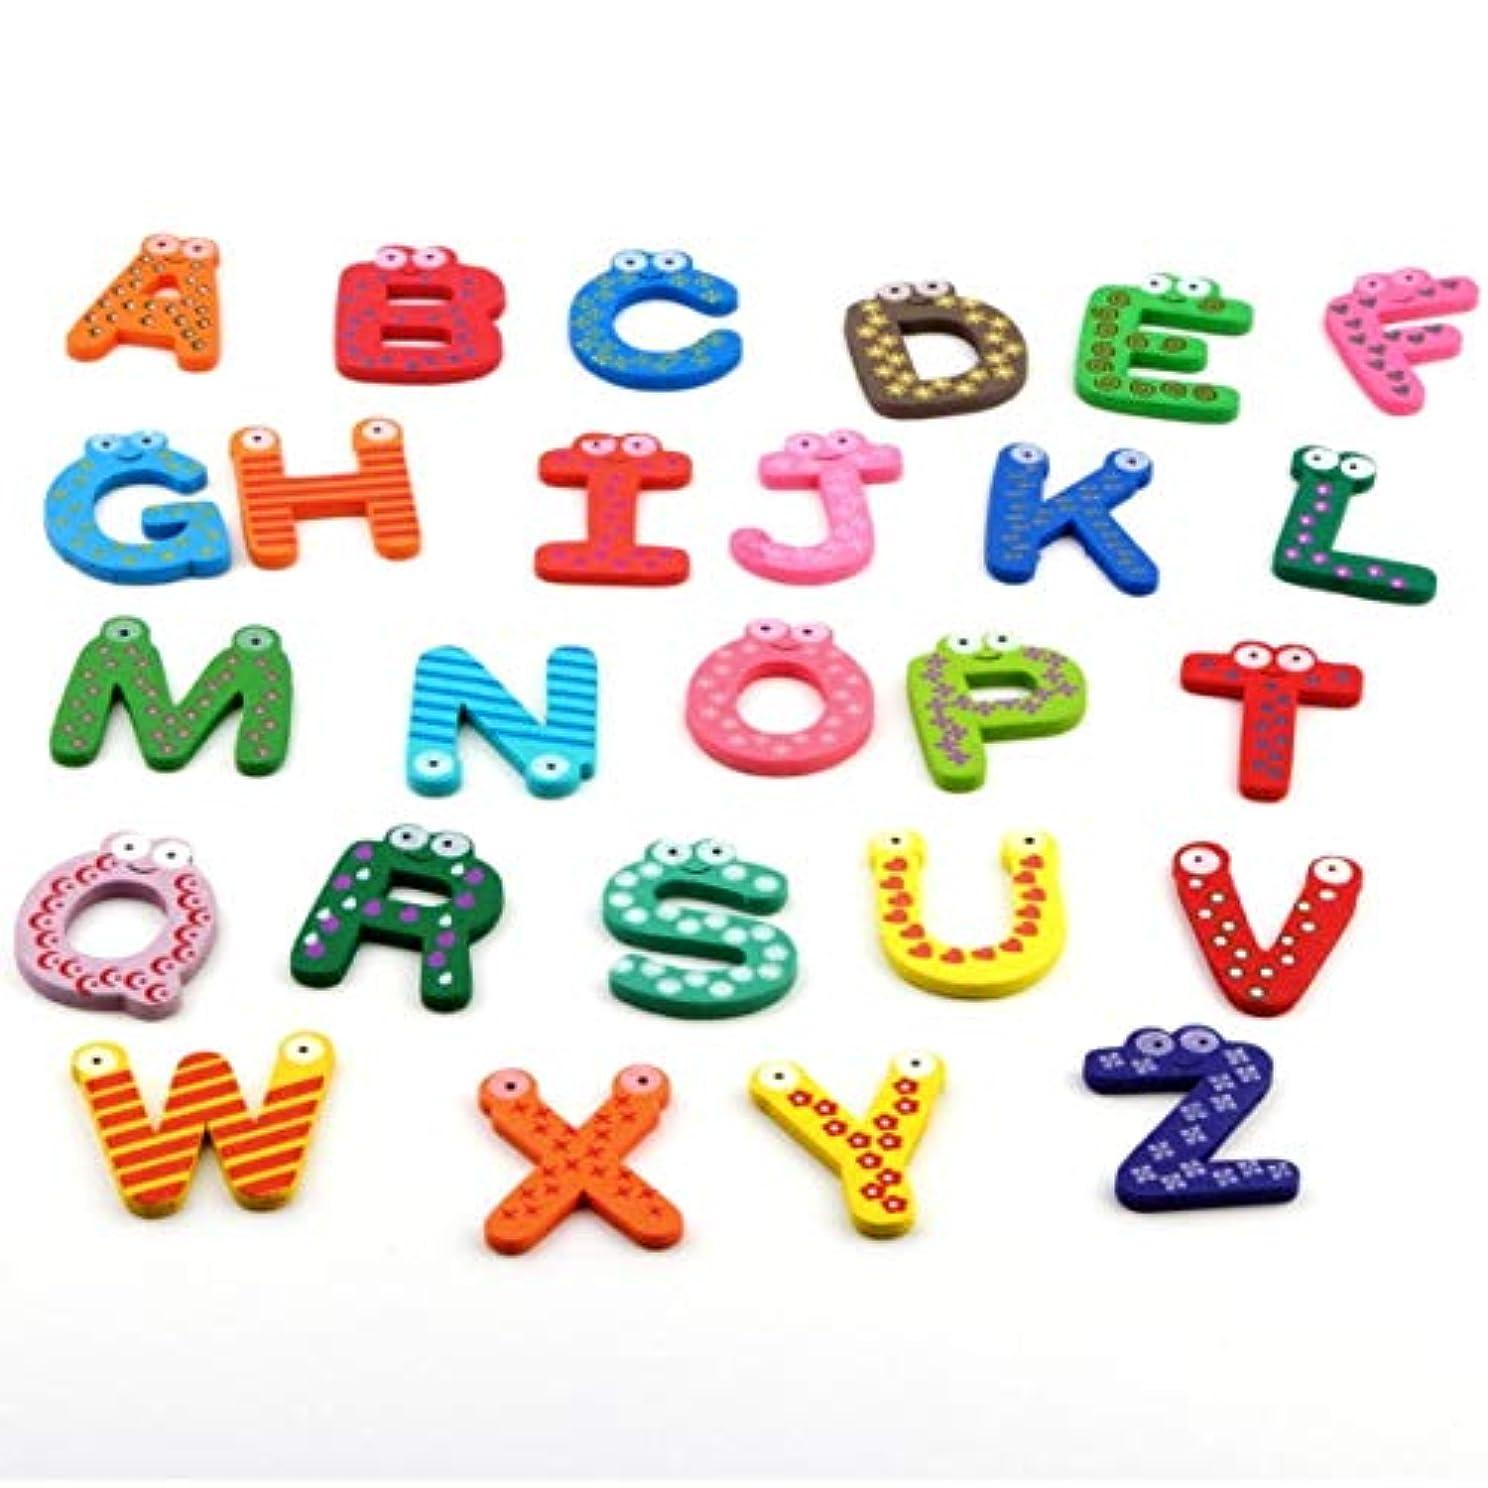 草例適用済み子供のおもちゃ26ピース/セット木製漫画アルファベットAZマグネット子供教育玩具木製冷蔵庫ステッカーギフト用多彩な色-多色